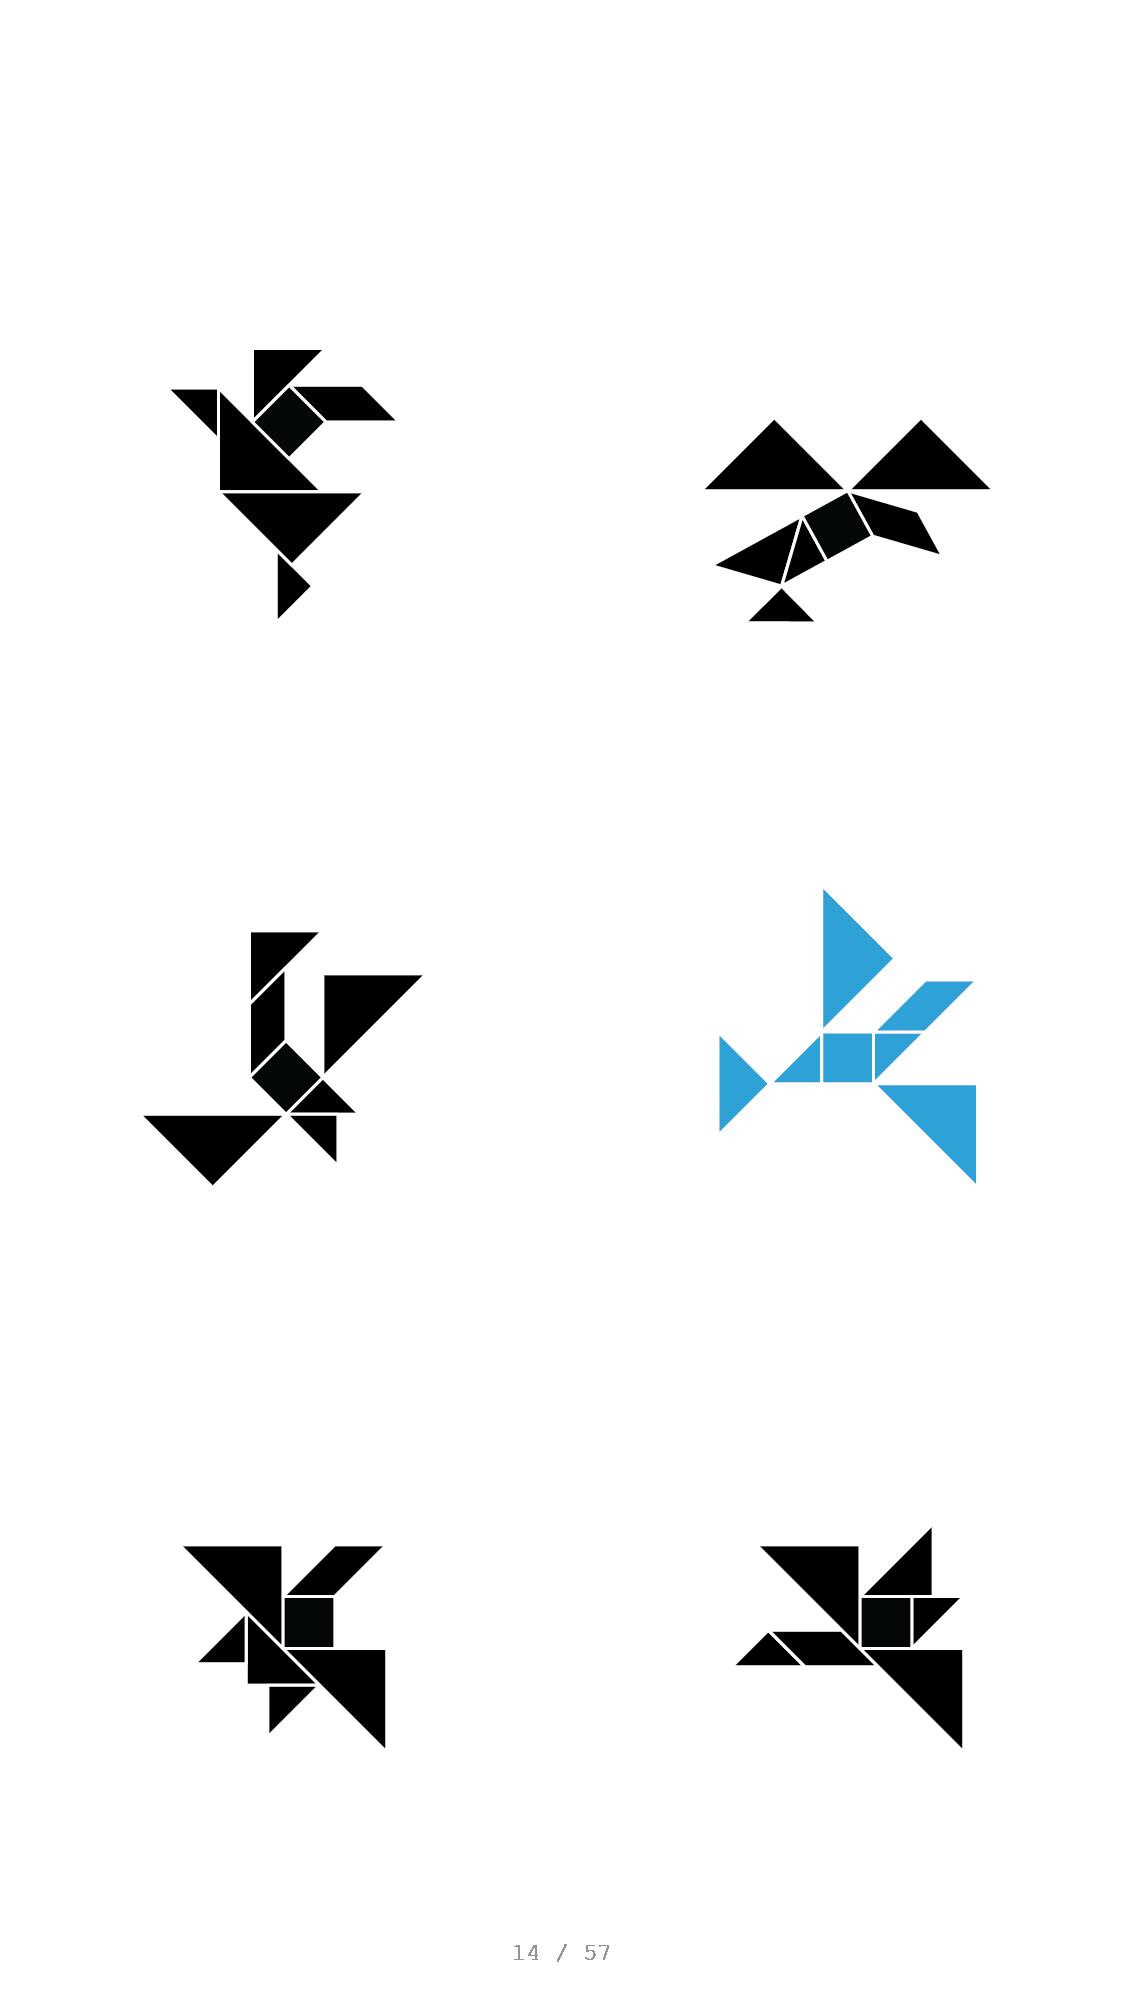 Tangram_Layout_2x3_schwarz-14